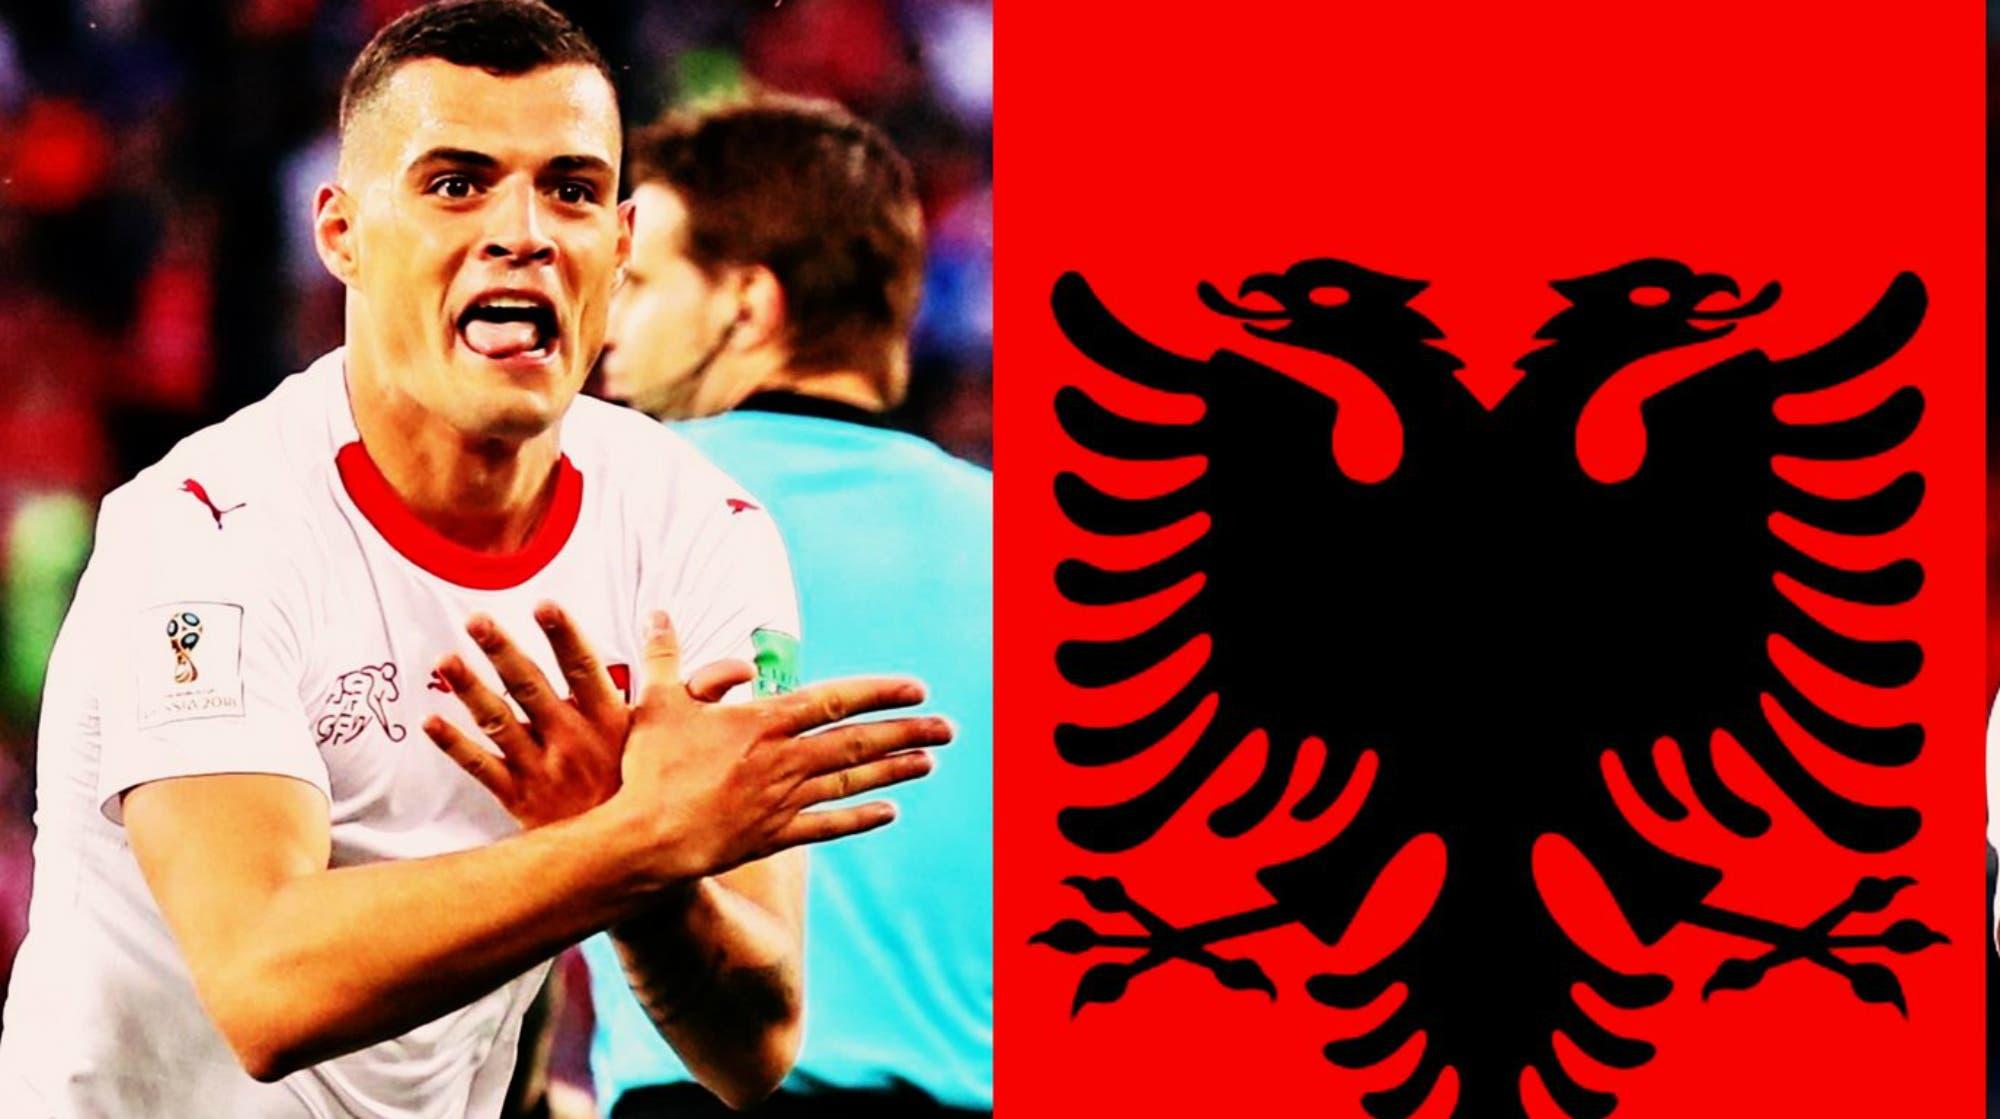 Los suizos Shaqiri y Xhaka podrían ser sancionados por la FIFA por los gestos en los festejos